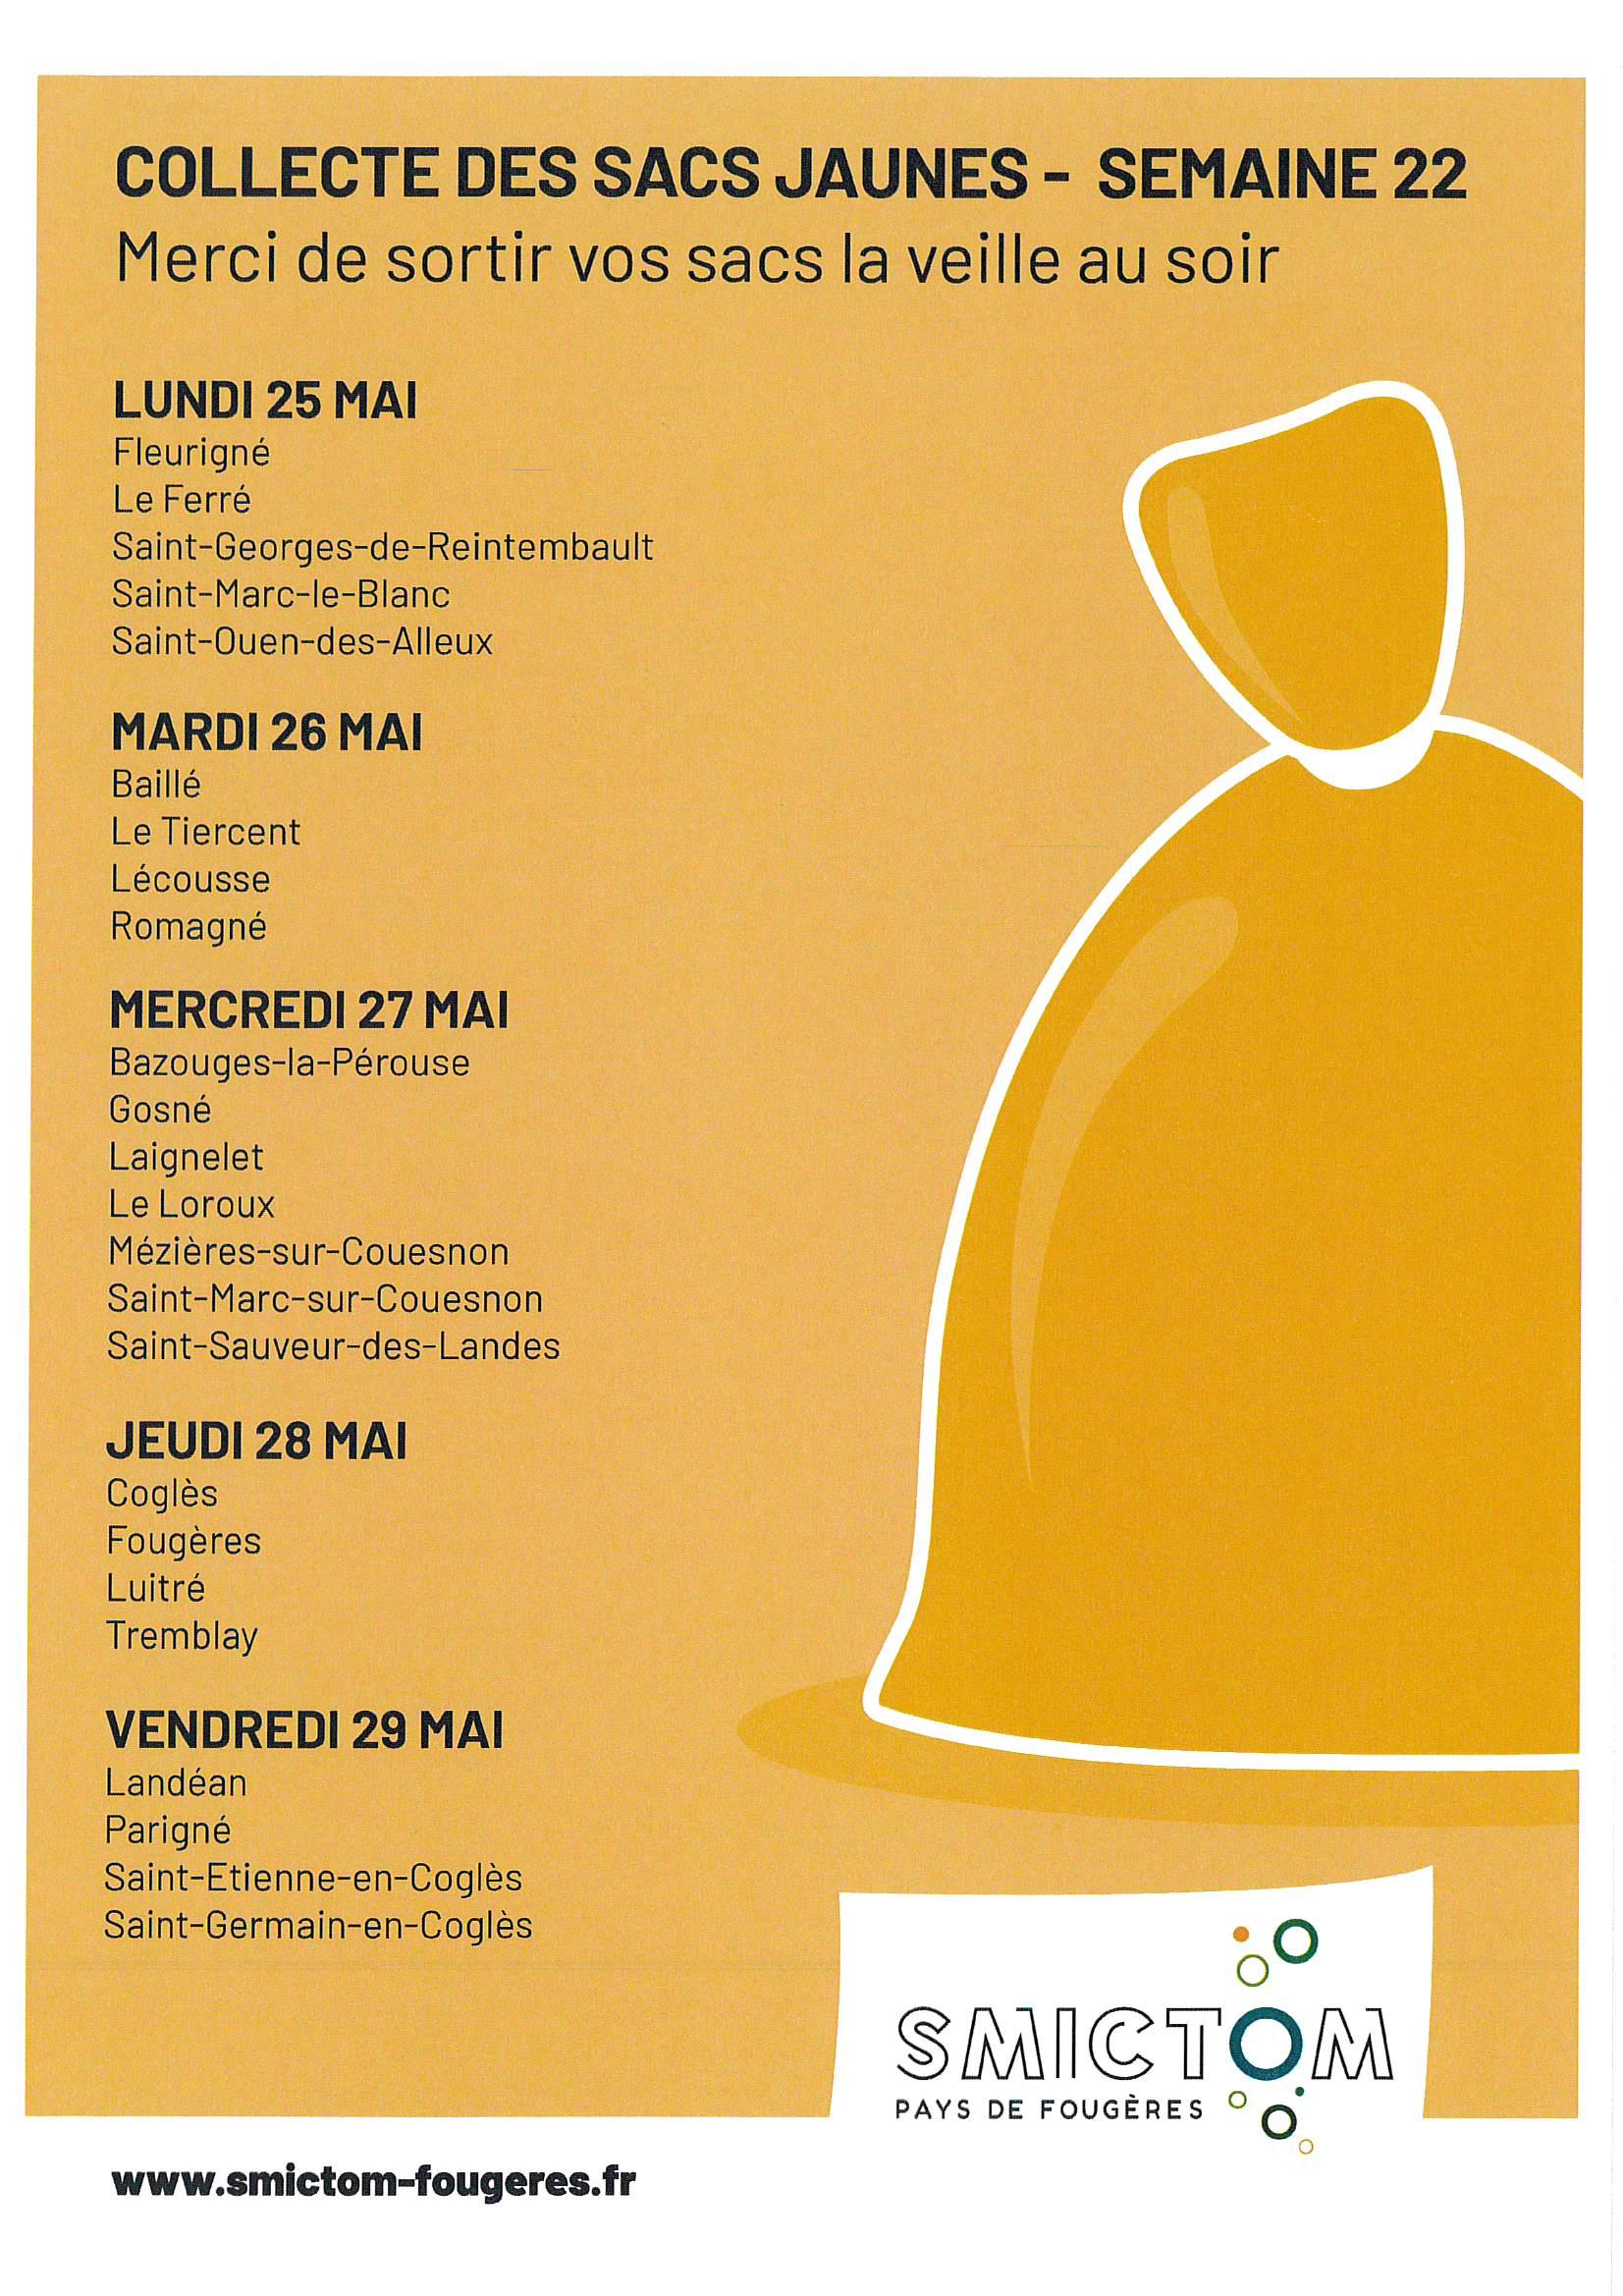 sacs jaunes semaine 22.jpg